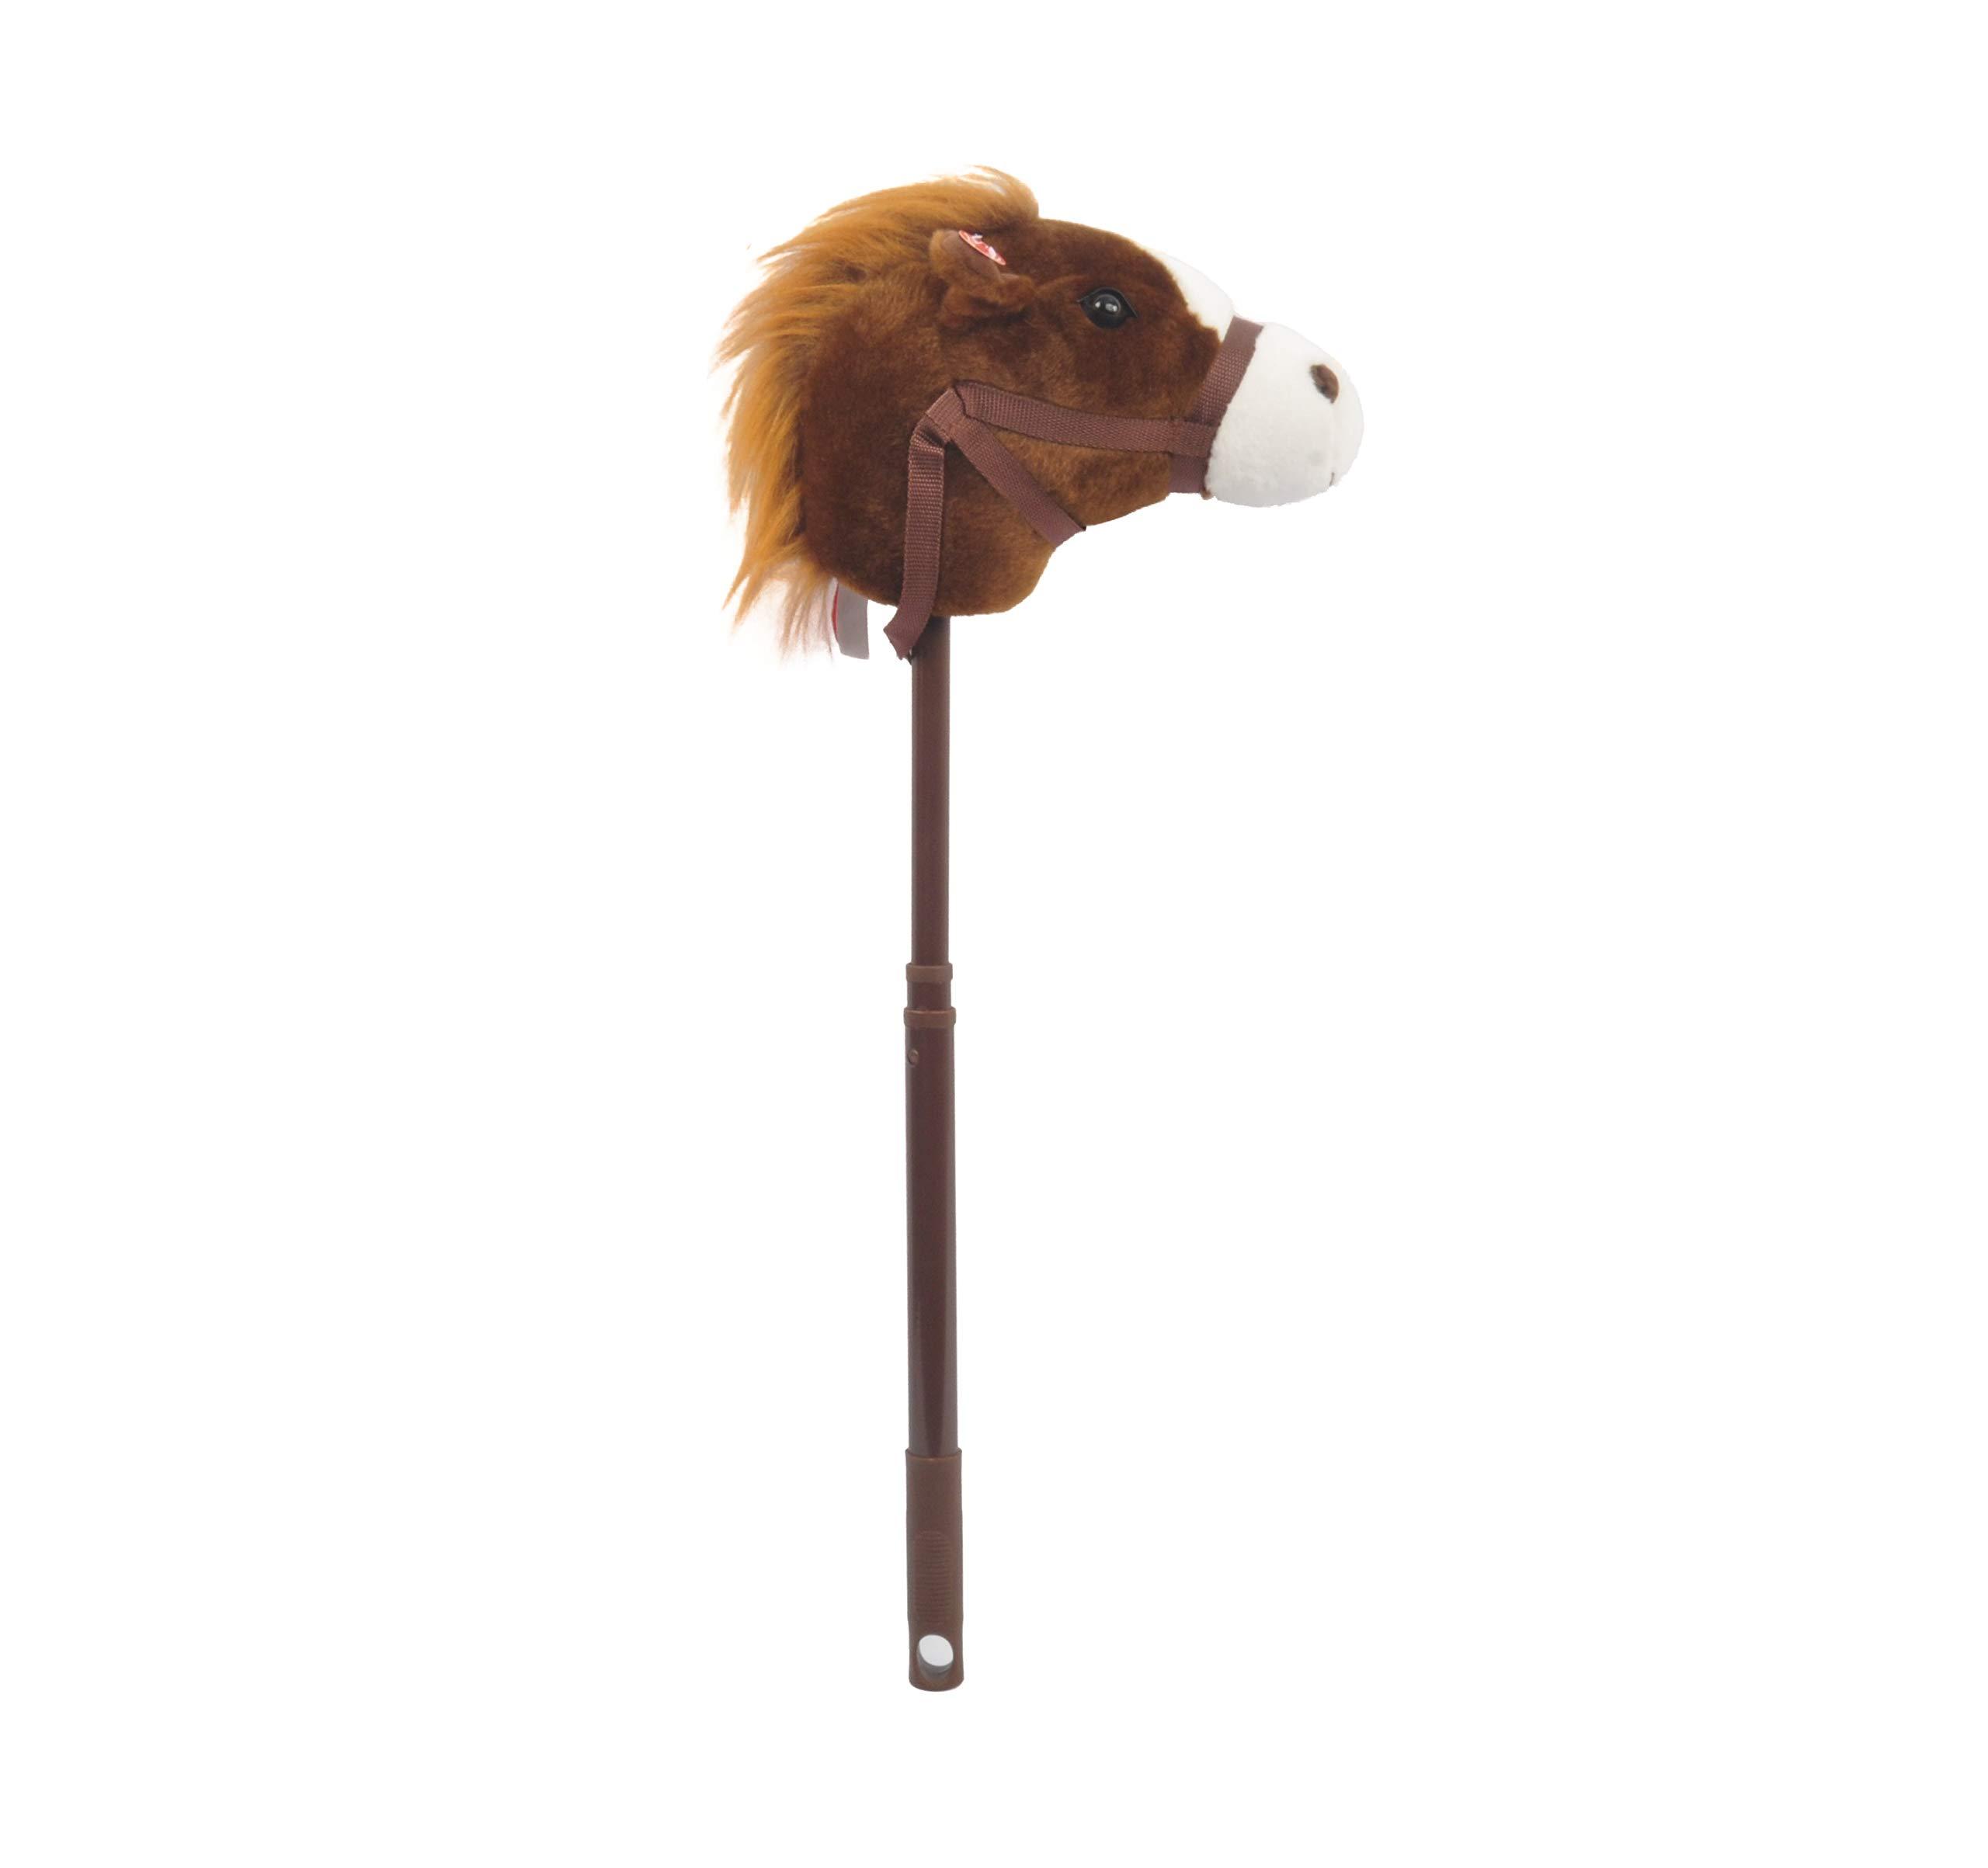 Linzy Plush Adjustable Horse Stick with Sound, Dark Brown, 36''